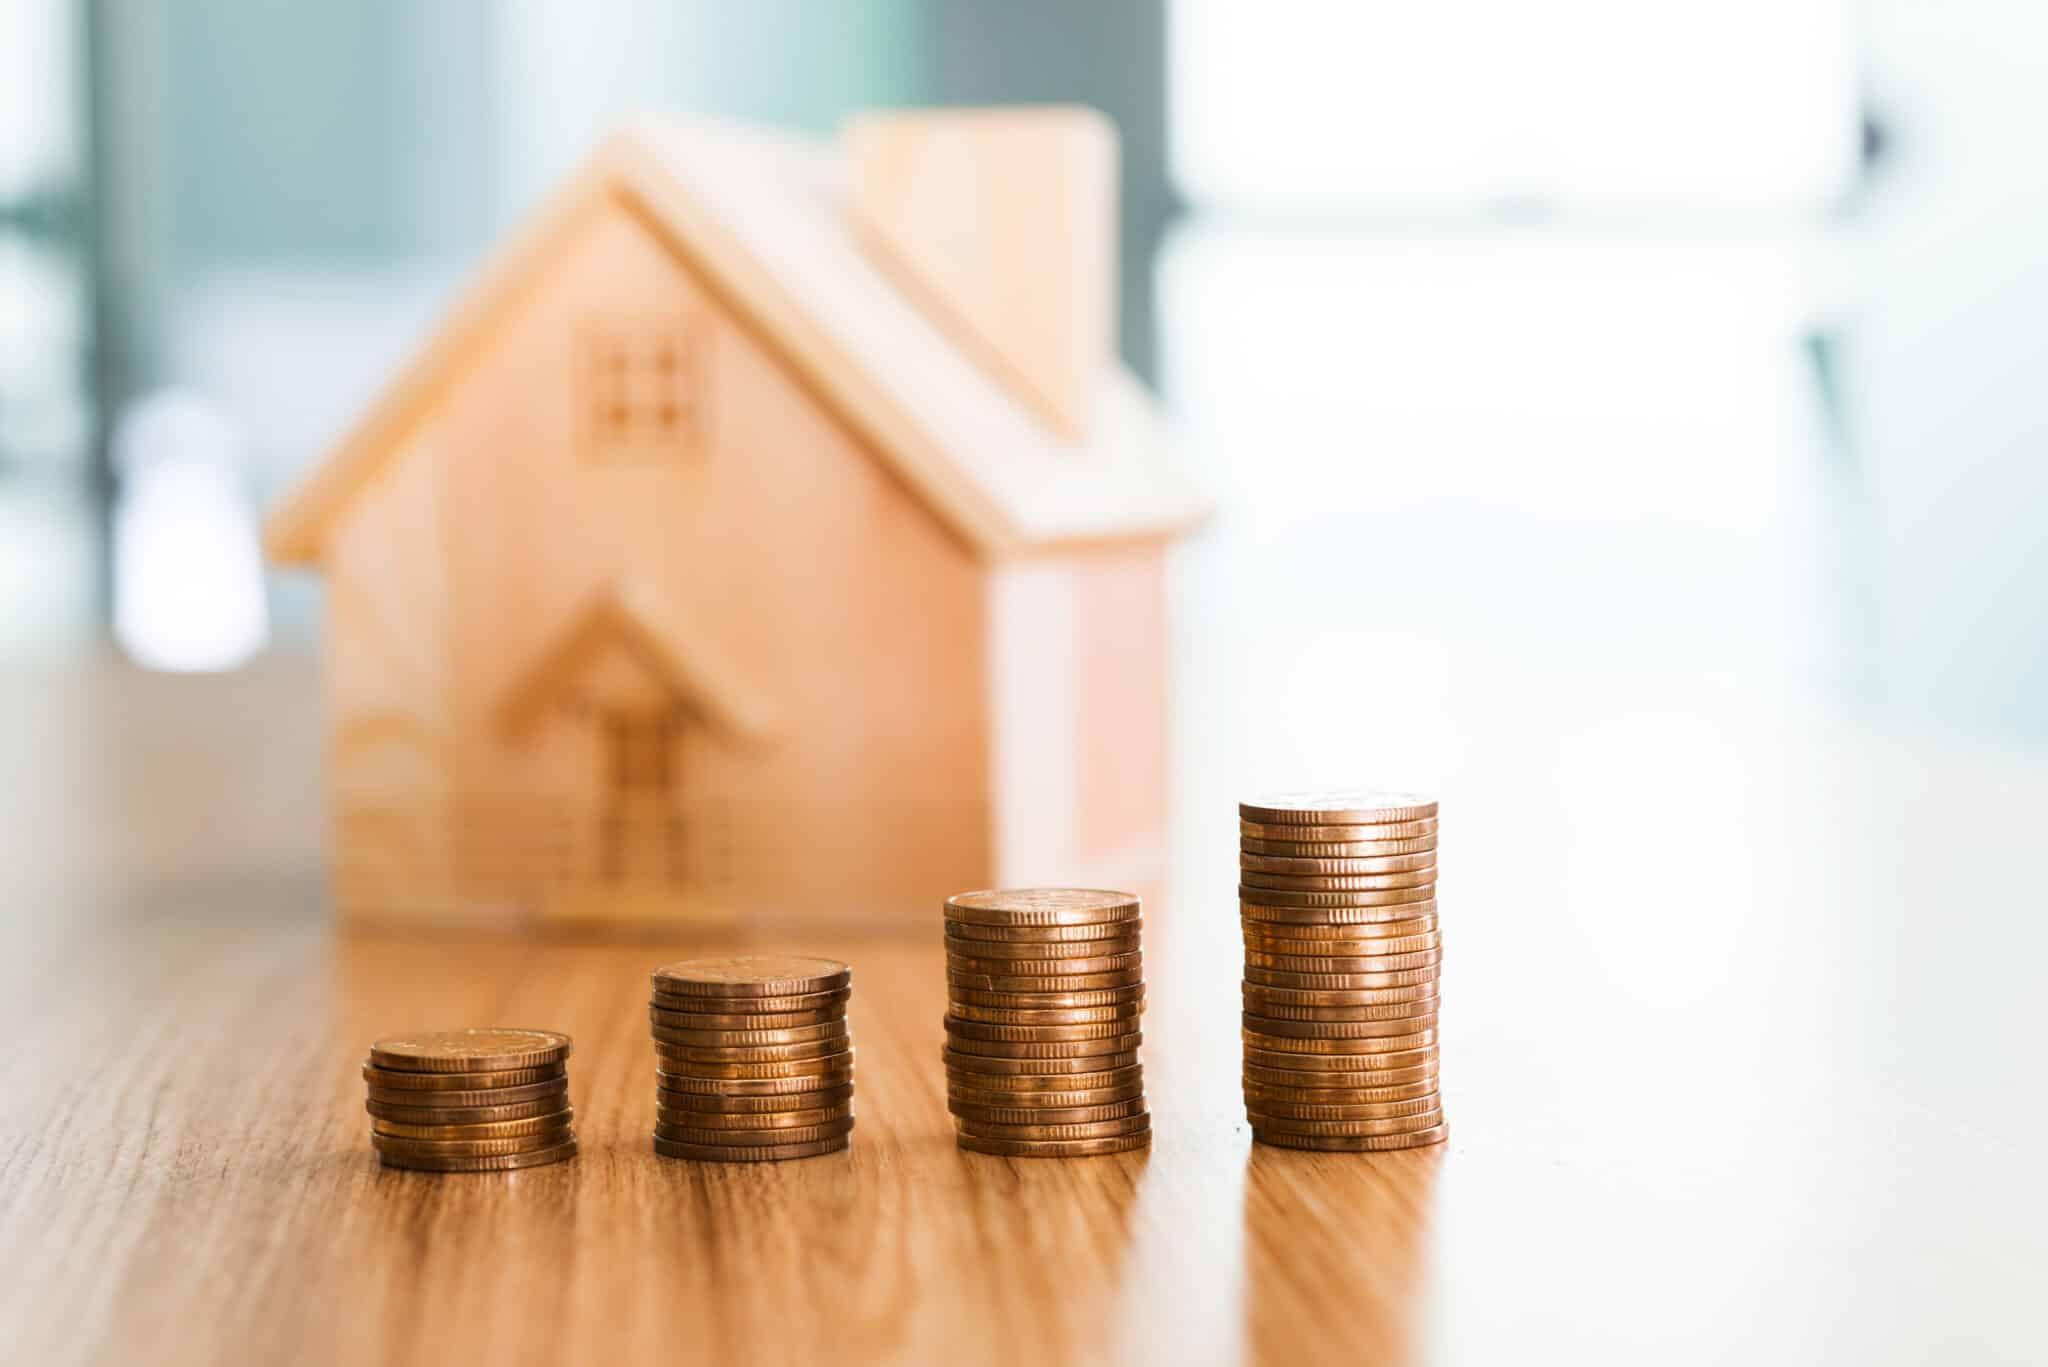 Investir dans la pierre : quelle est la meilleure banque pour un crédit immobilier ?